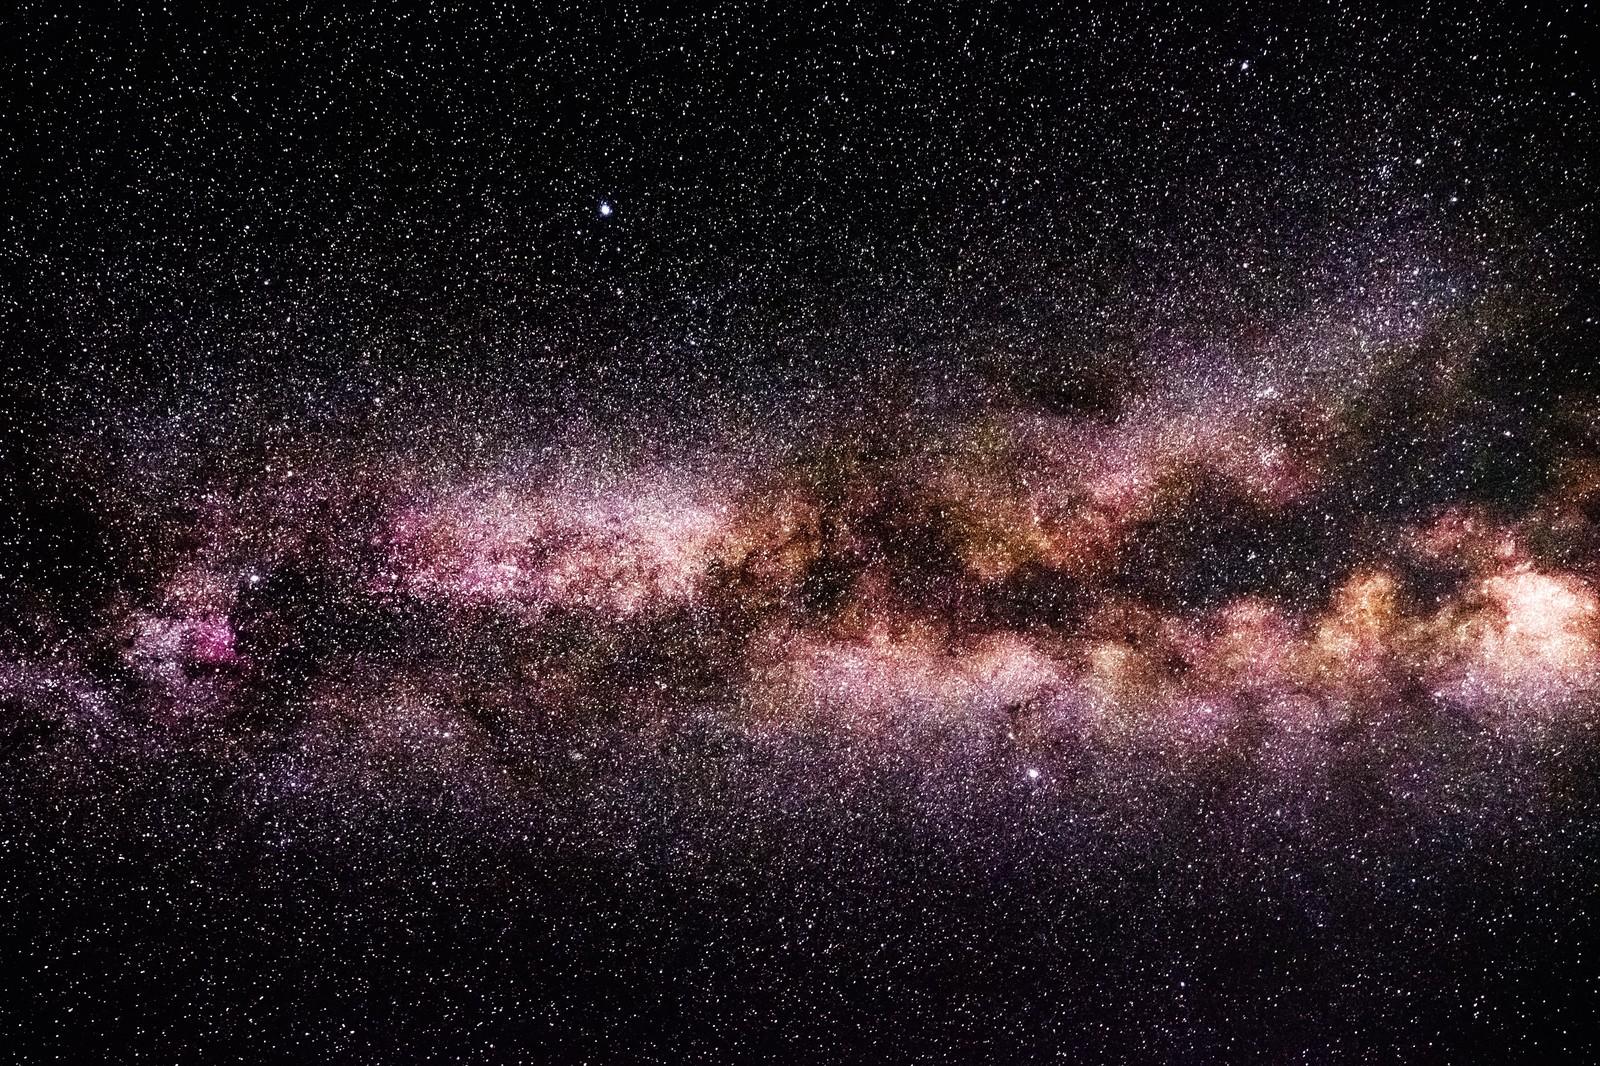 「満天の星々を望む(岡山県鏡野町笠菅峠から撮影)満天の星々を望む(岡山県鏡野町笠菅峠から撮影)」のフリー写真素材を拡大